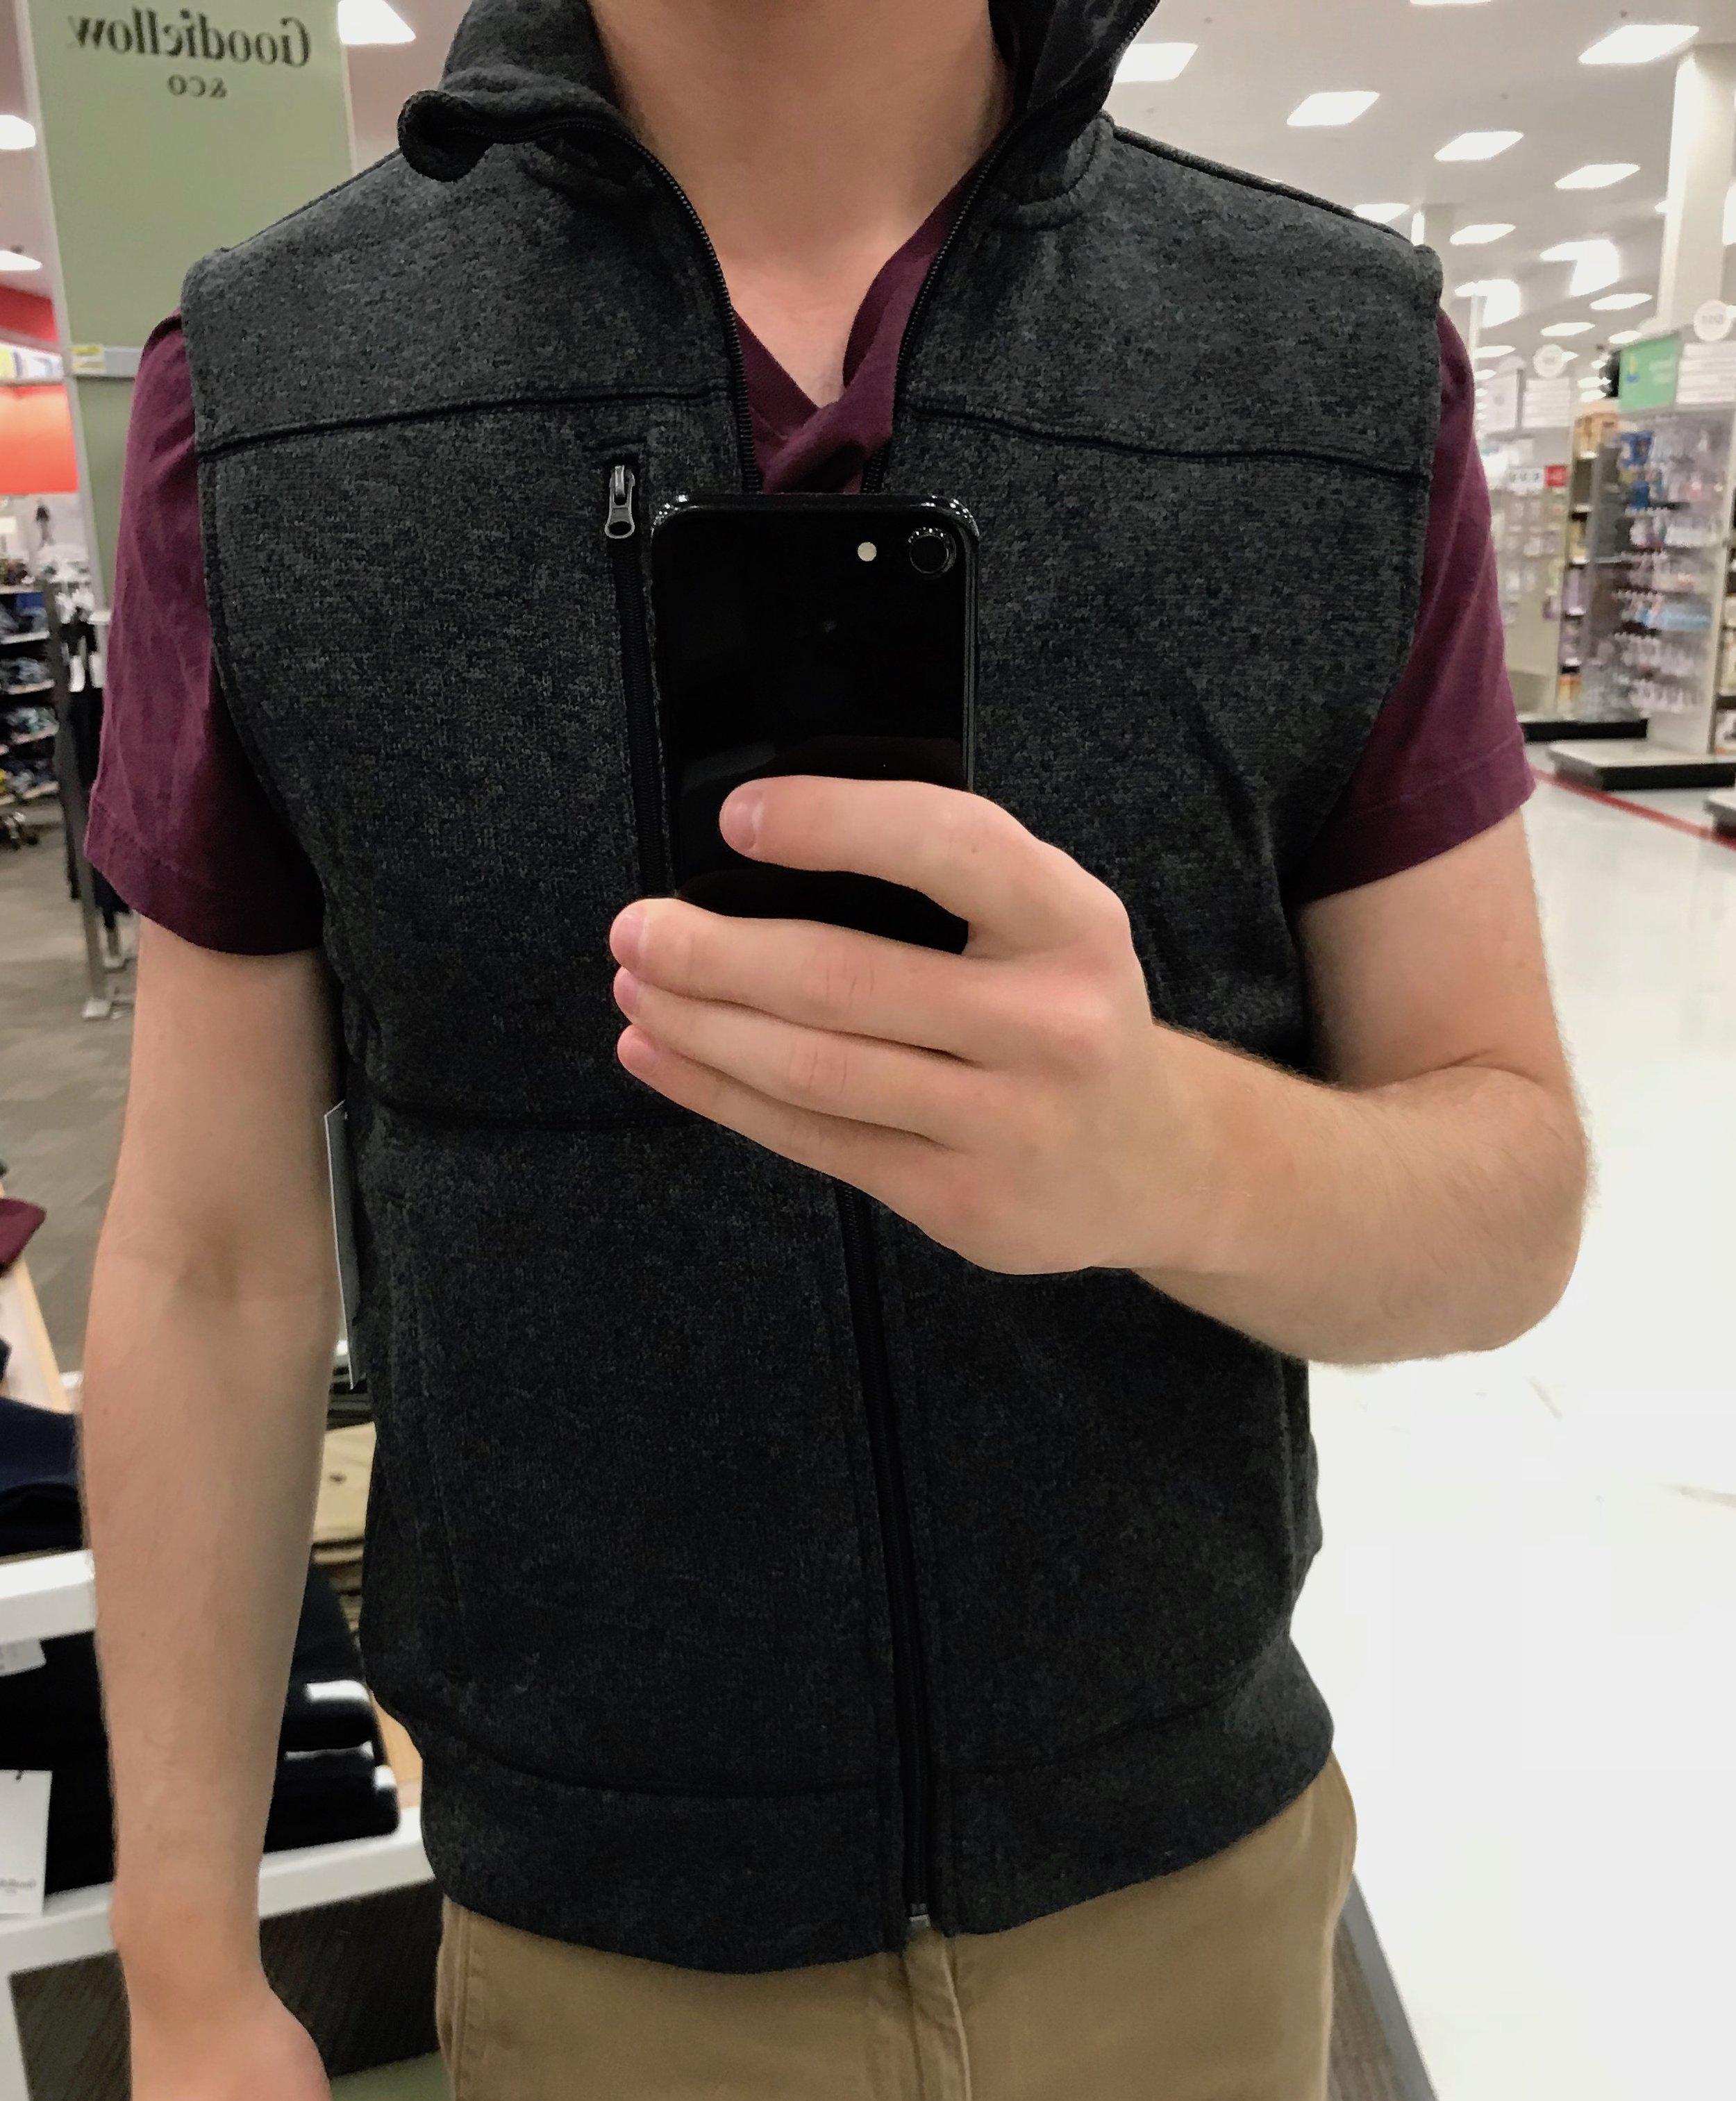 Fleece Vest - $24.99